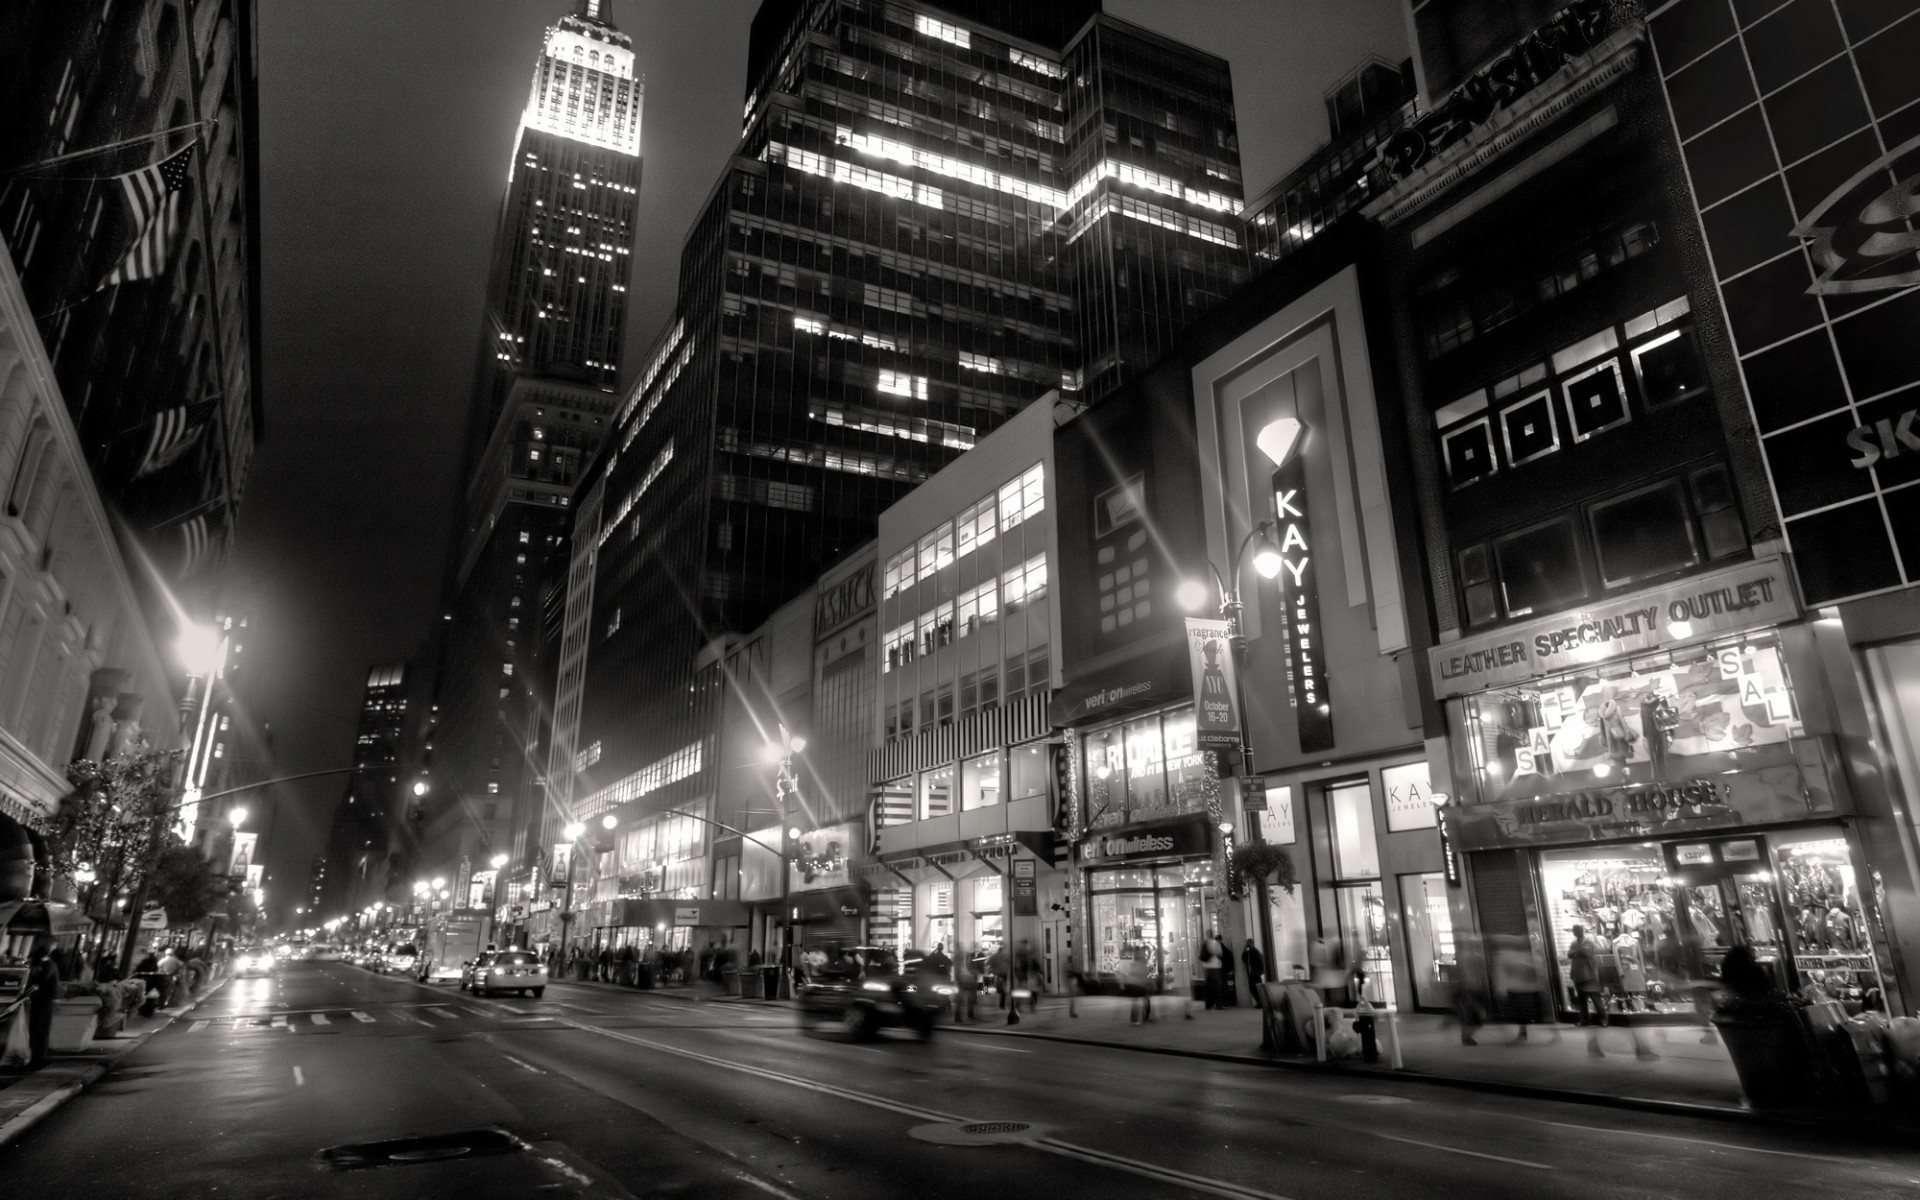 New York City Lights Wallpaper - Widescreen Wallpaper | HD ...